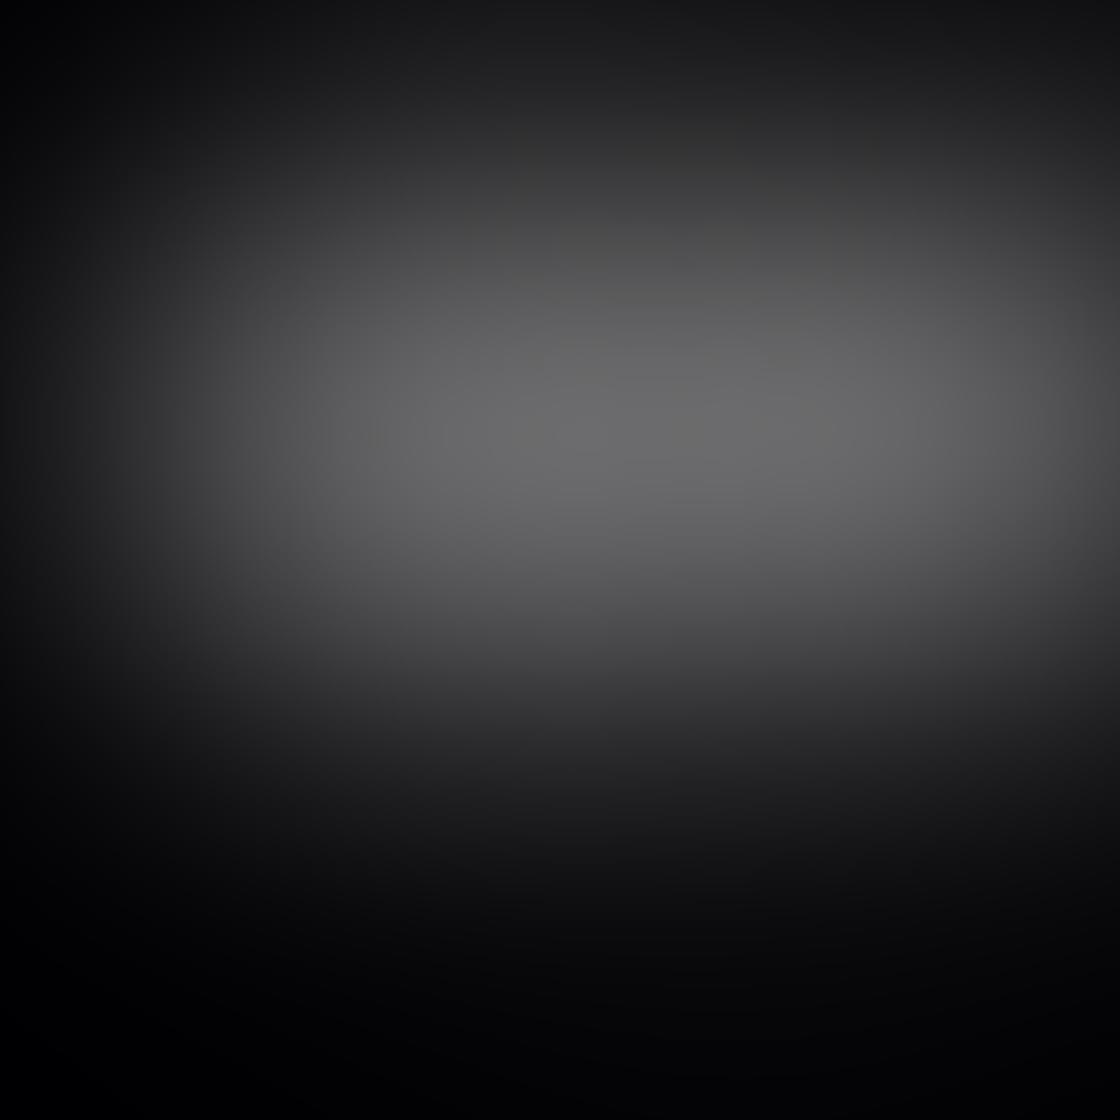 iPhone photo 03